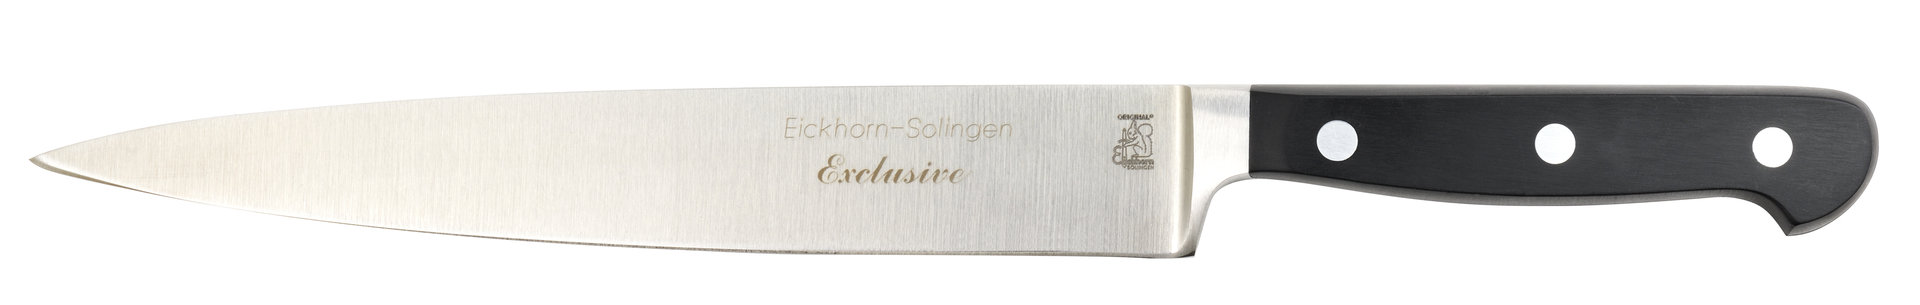 fleischmesser eickhorn solingen limited. Black Bedroom Furniture Sets. Home Design Ideas